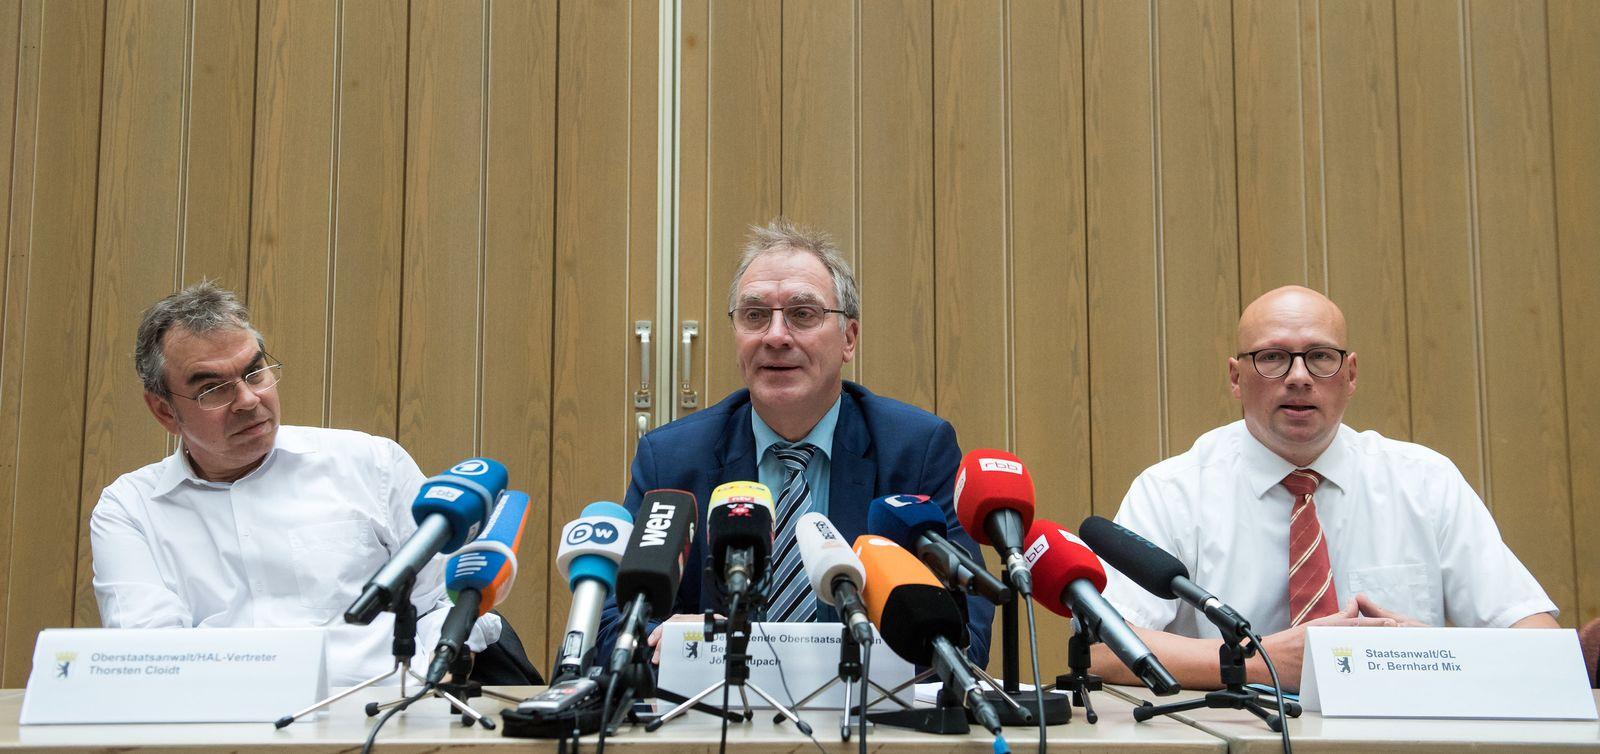 Pressekonferenz zu Ermittlungen gegen kriminelle Clans